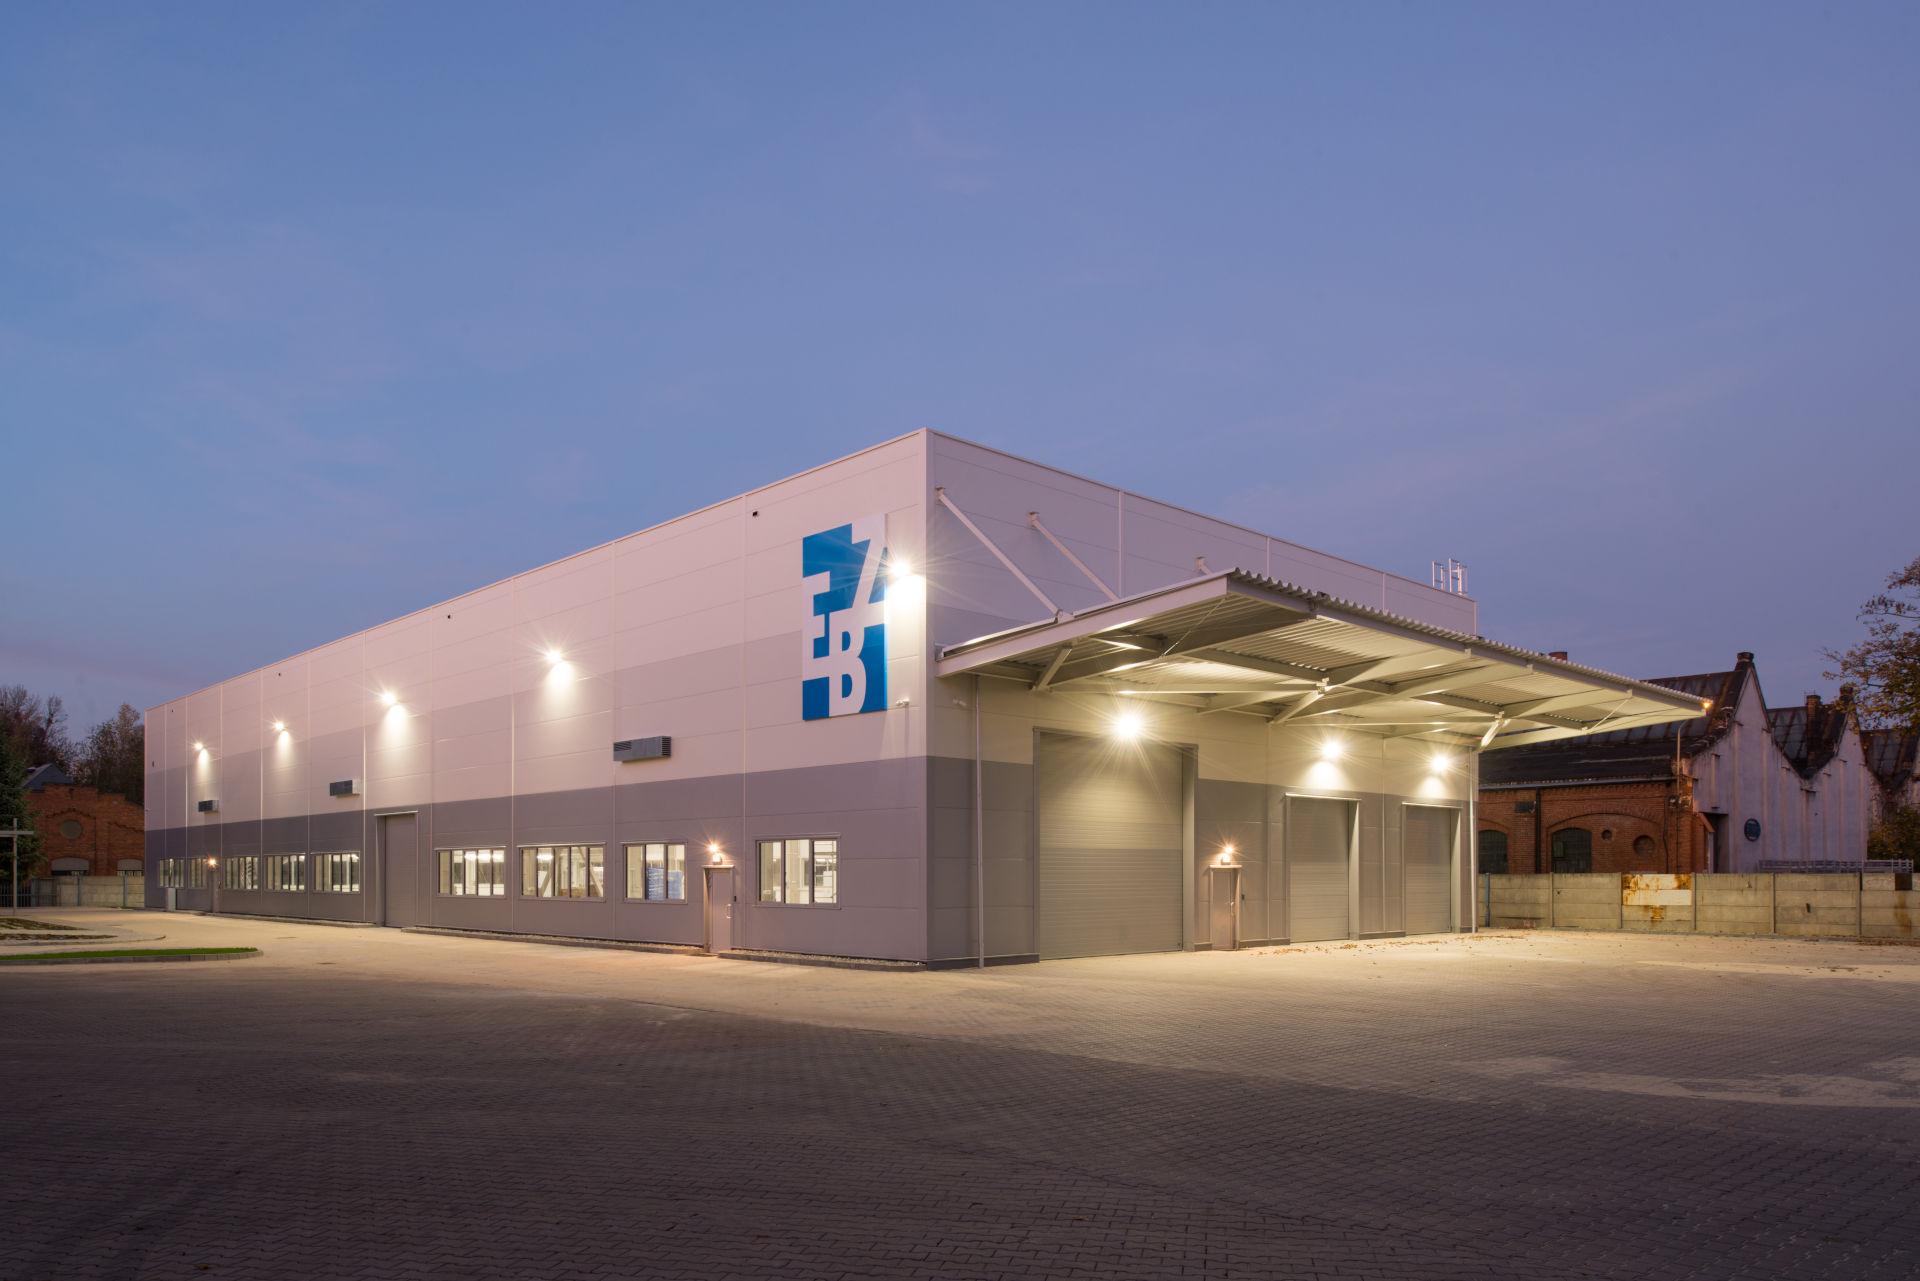 Kamiński - Budownictwo. Generalny wykonawca hal przemysłowych, Generalny wykonawca hali, Hala EBZ automation engineering Gliwice